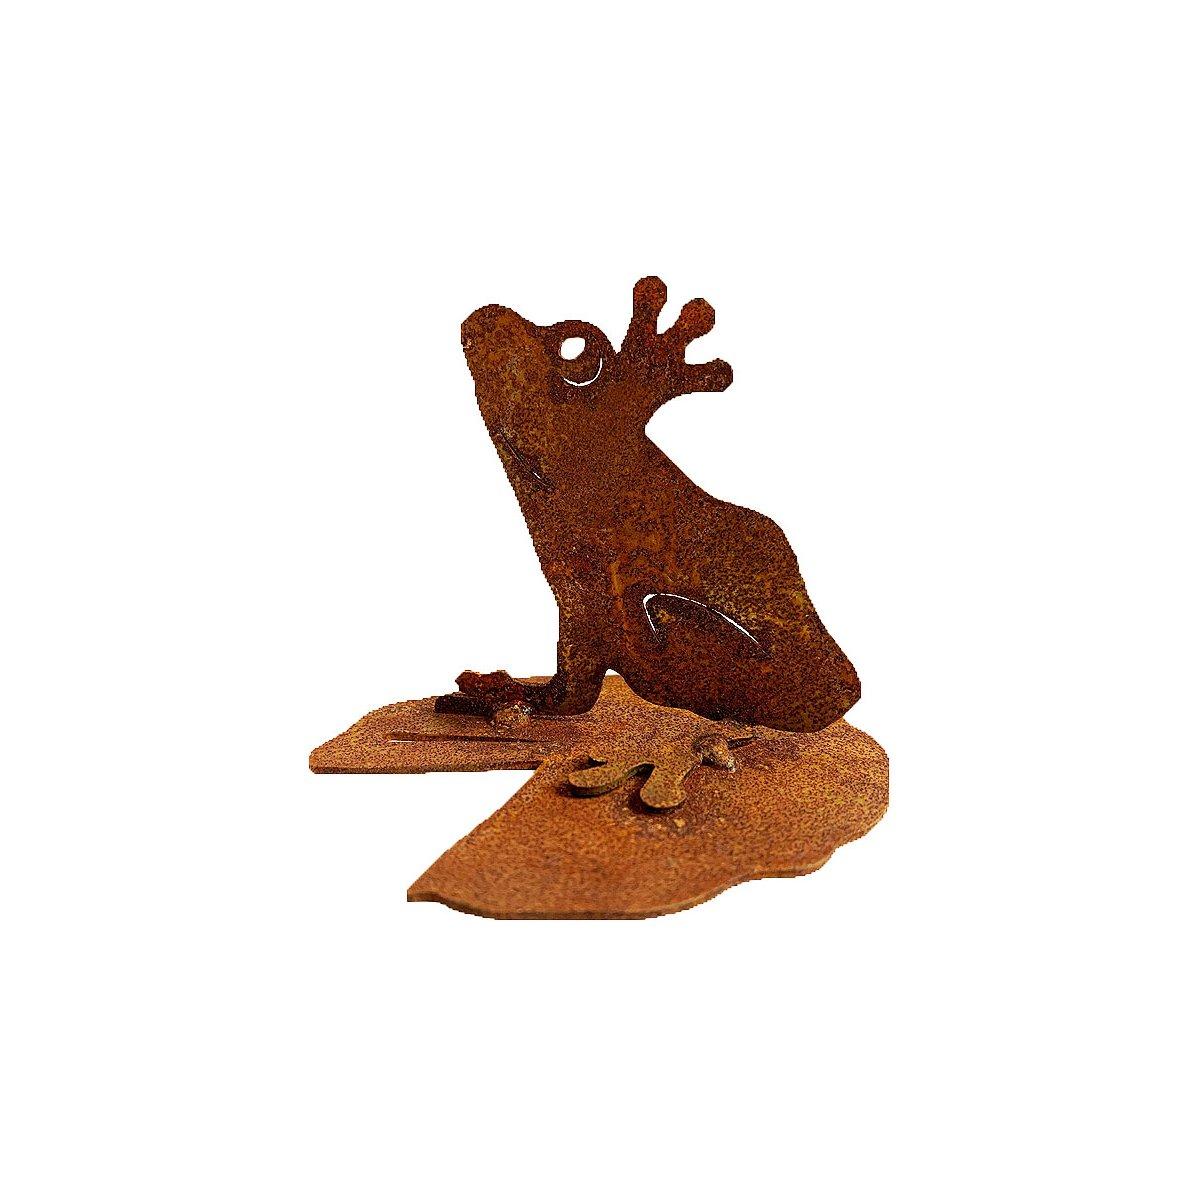 dekofigur frosch auf seerosenblatt im rost design 995